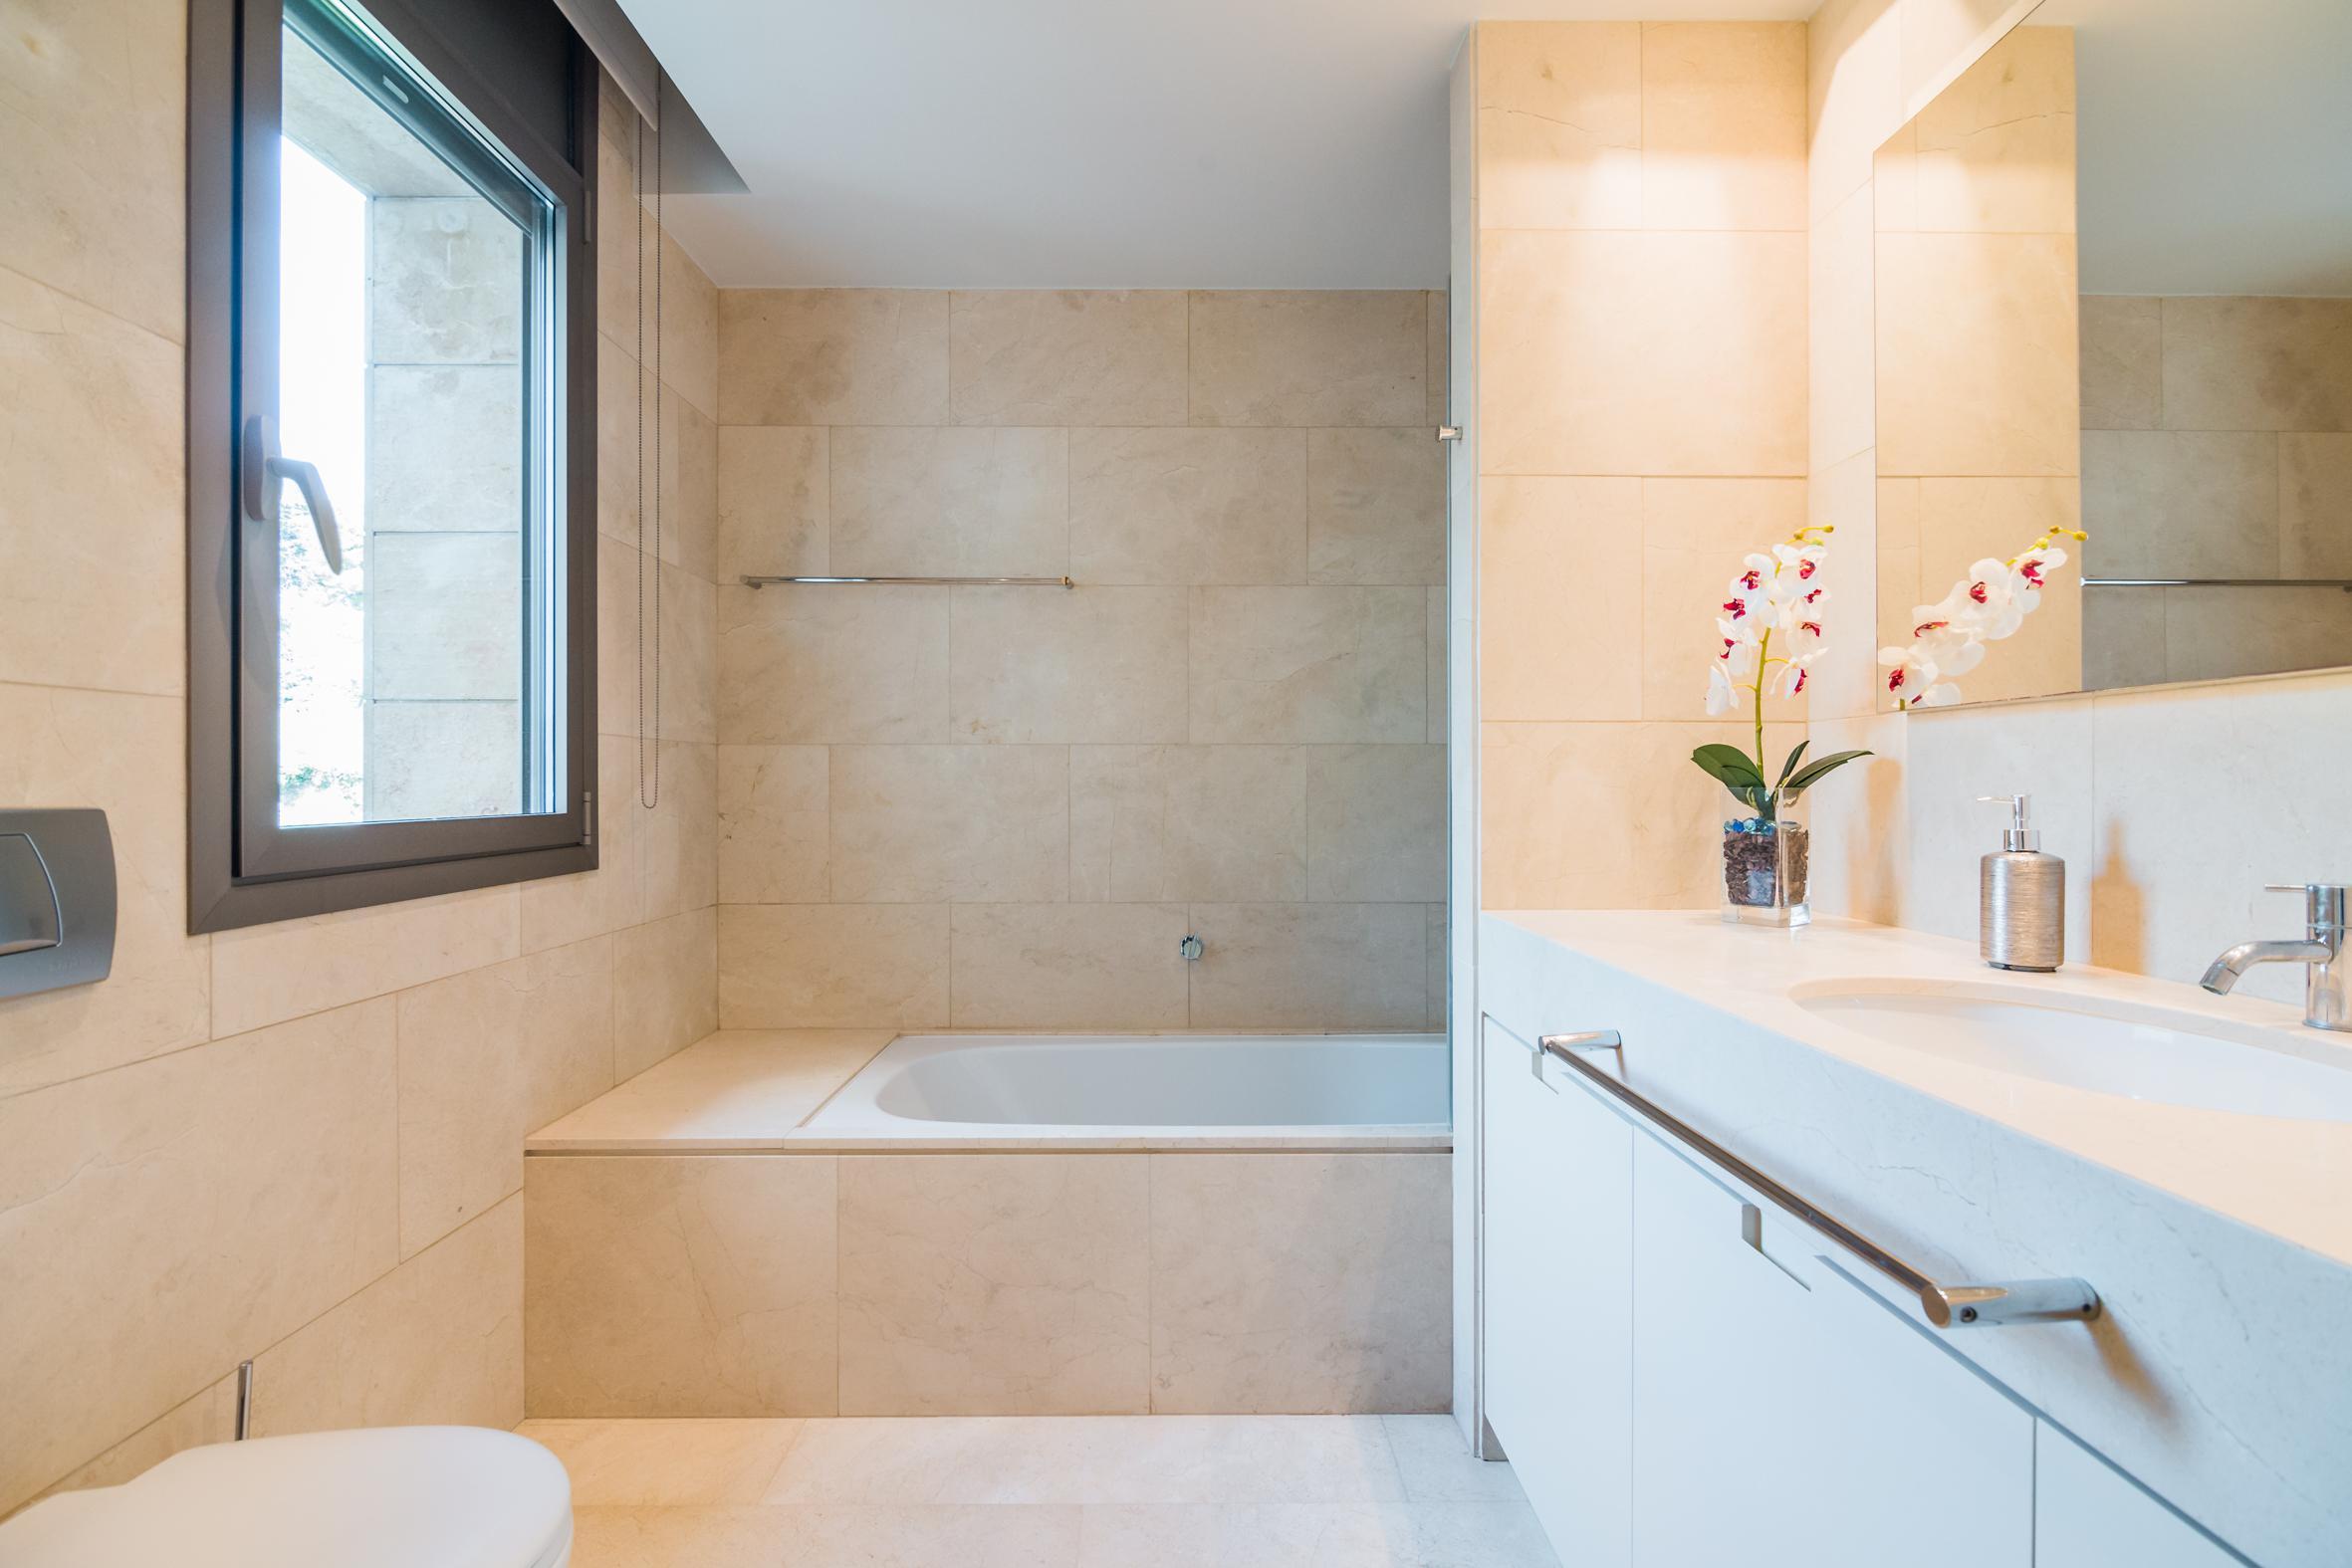 204447 Casa en venda en Les Corts, Pedralbes 13